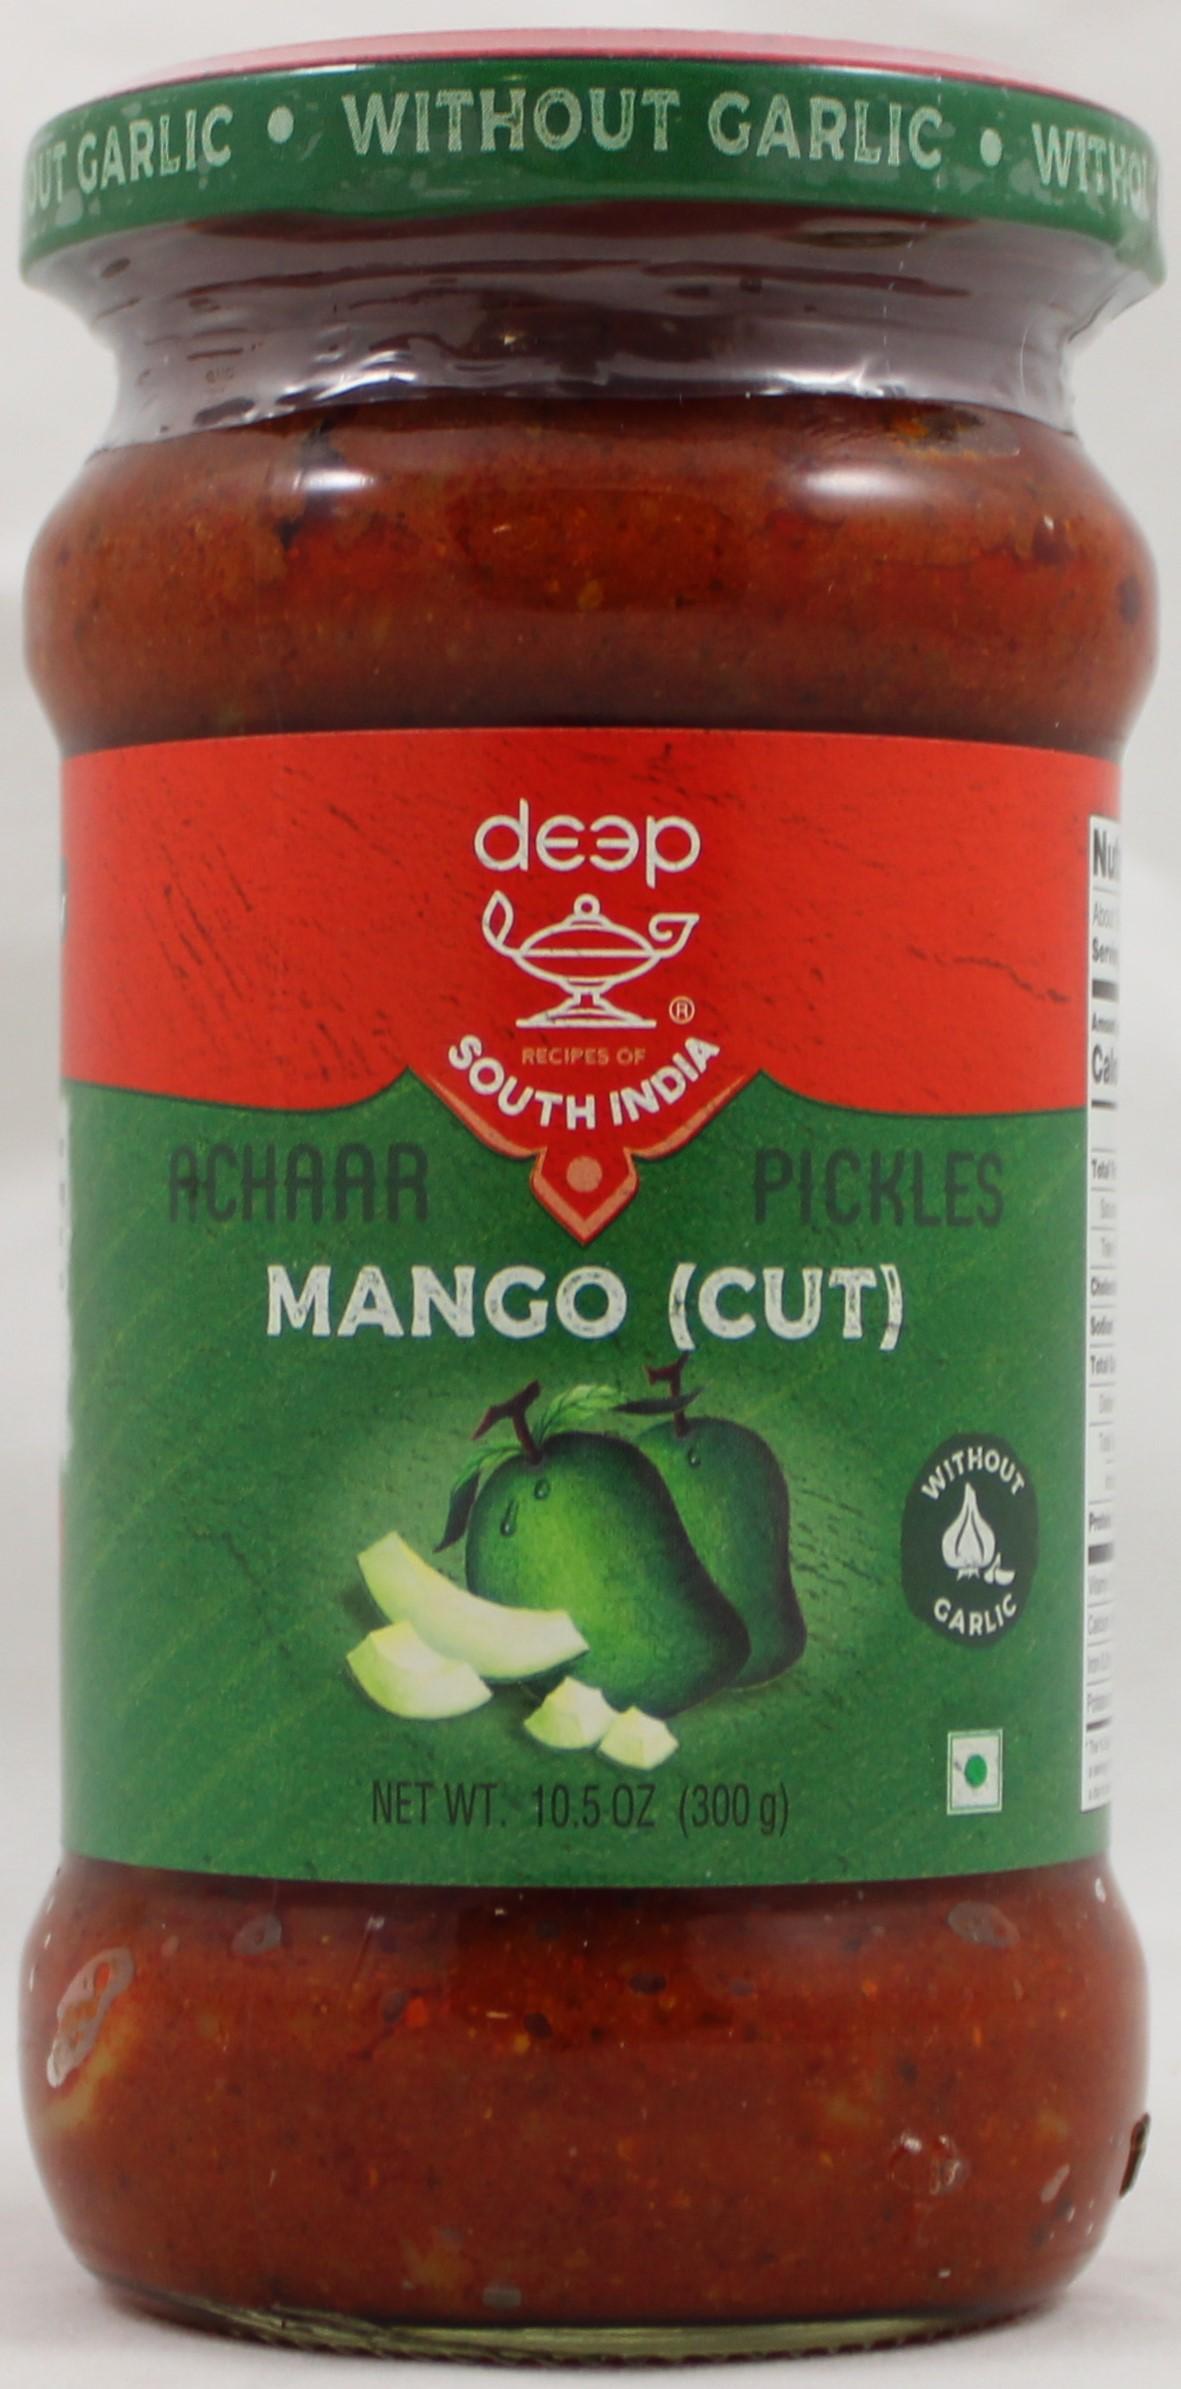 MangoCutPicklew/oGarlic 10.6oz